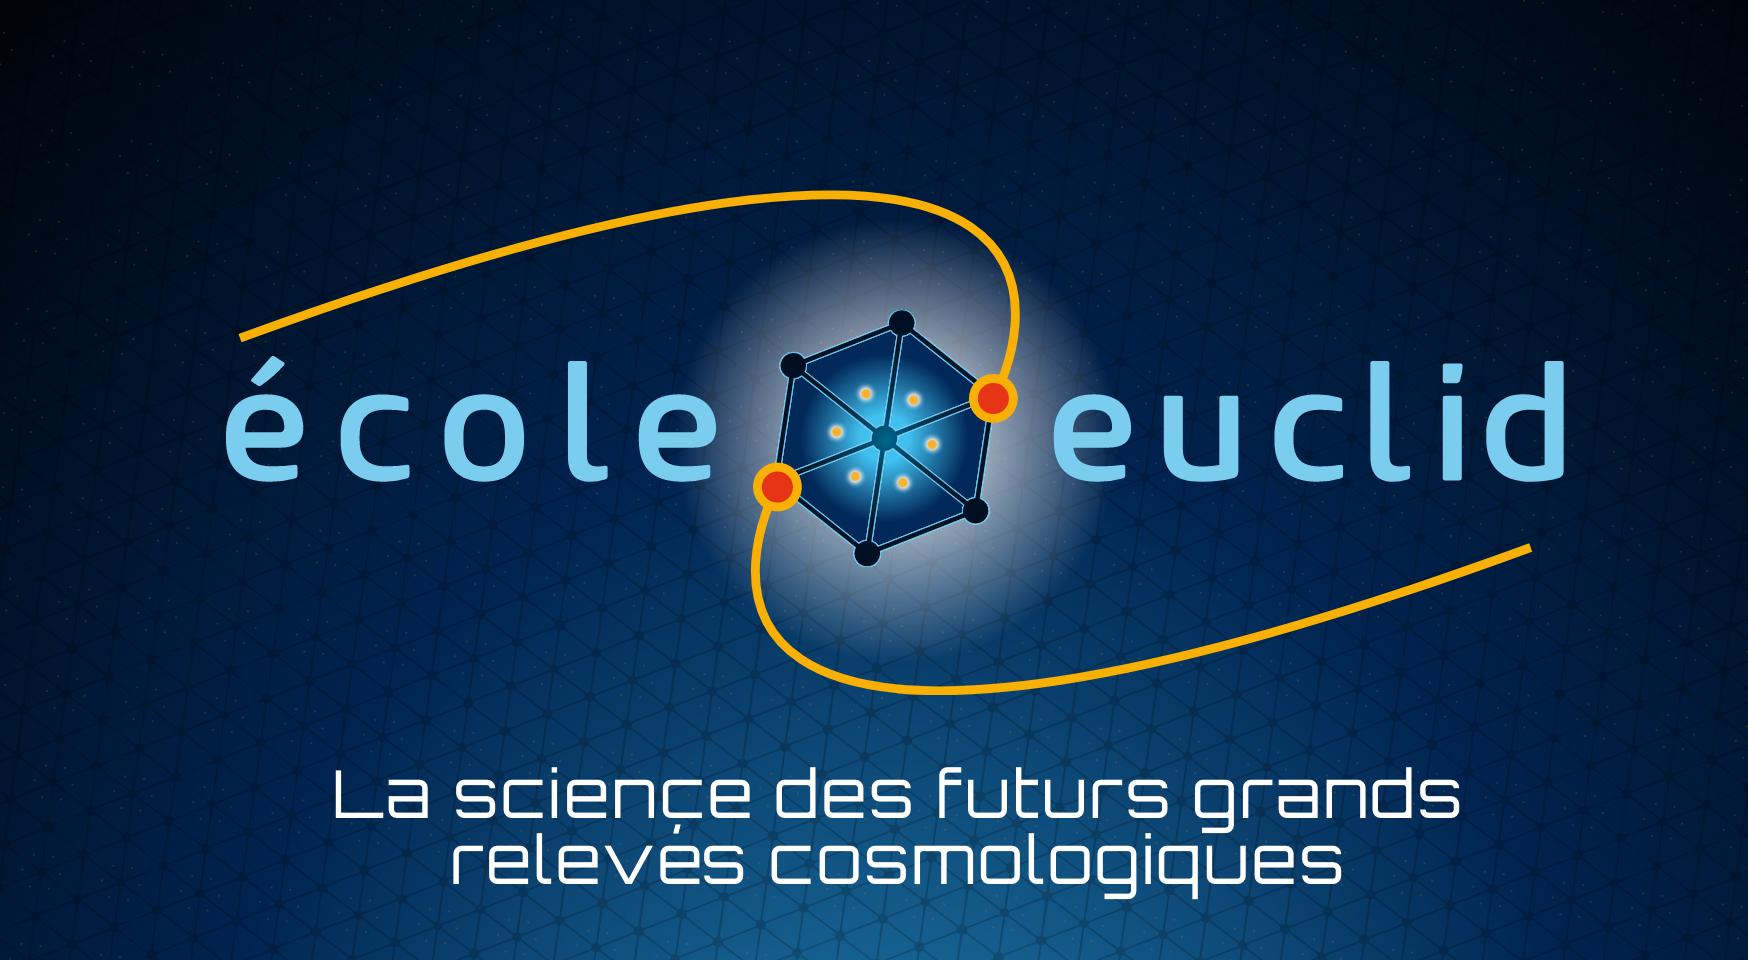 École Euclid de cosmologie 2019